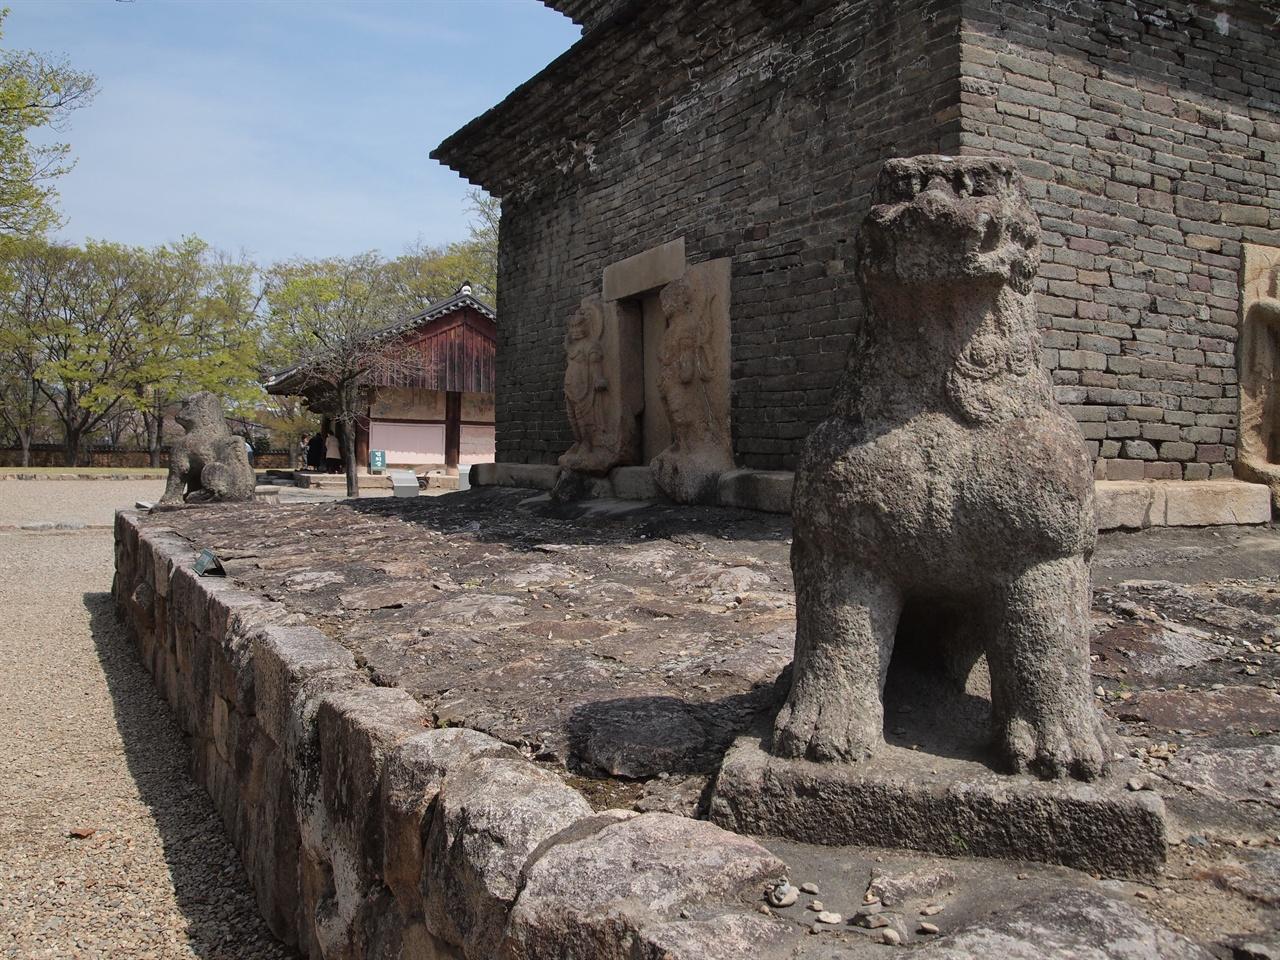 분황사 모전석탑 분황사 모전석탑에 세워진 석사자상, 반대편의 2기와는 그 형태가 다른 이 석사자상을 헌덕왕릉에서 가져왔다고 전한다.